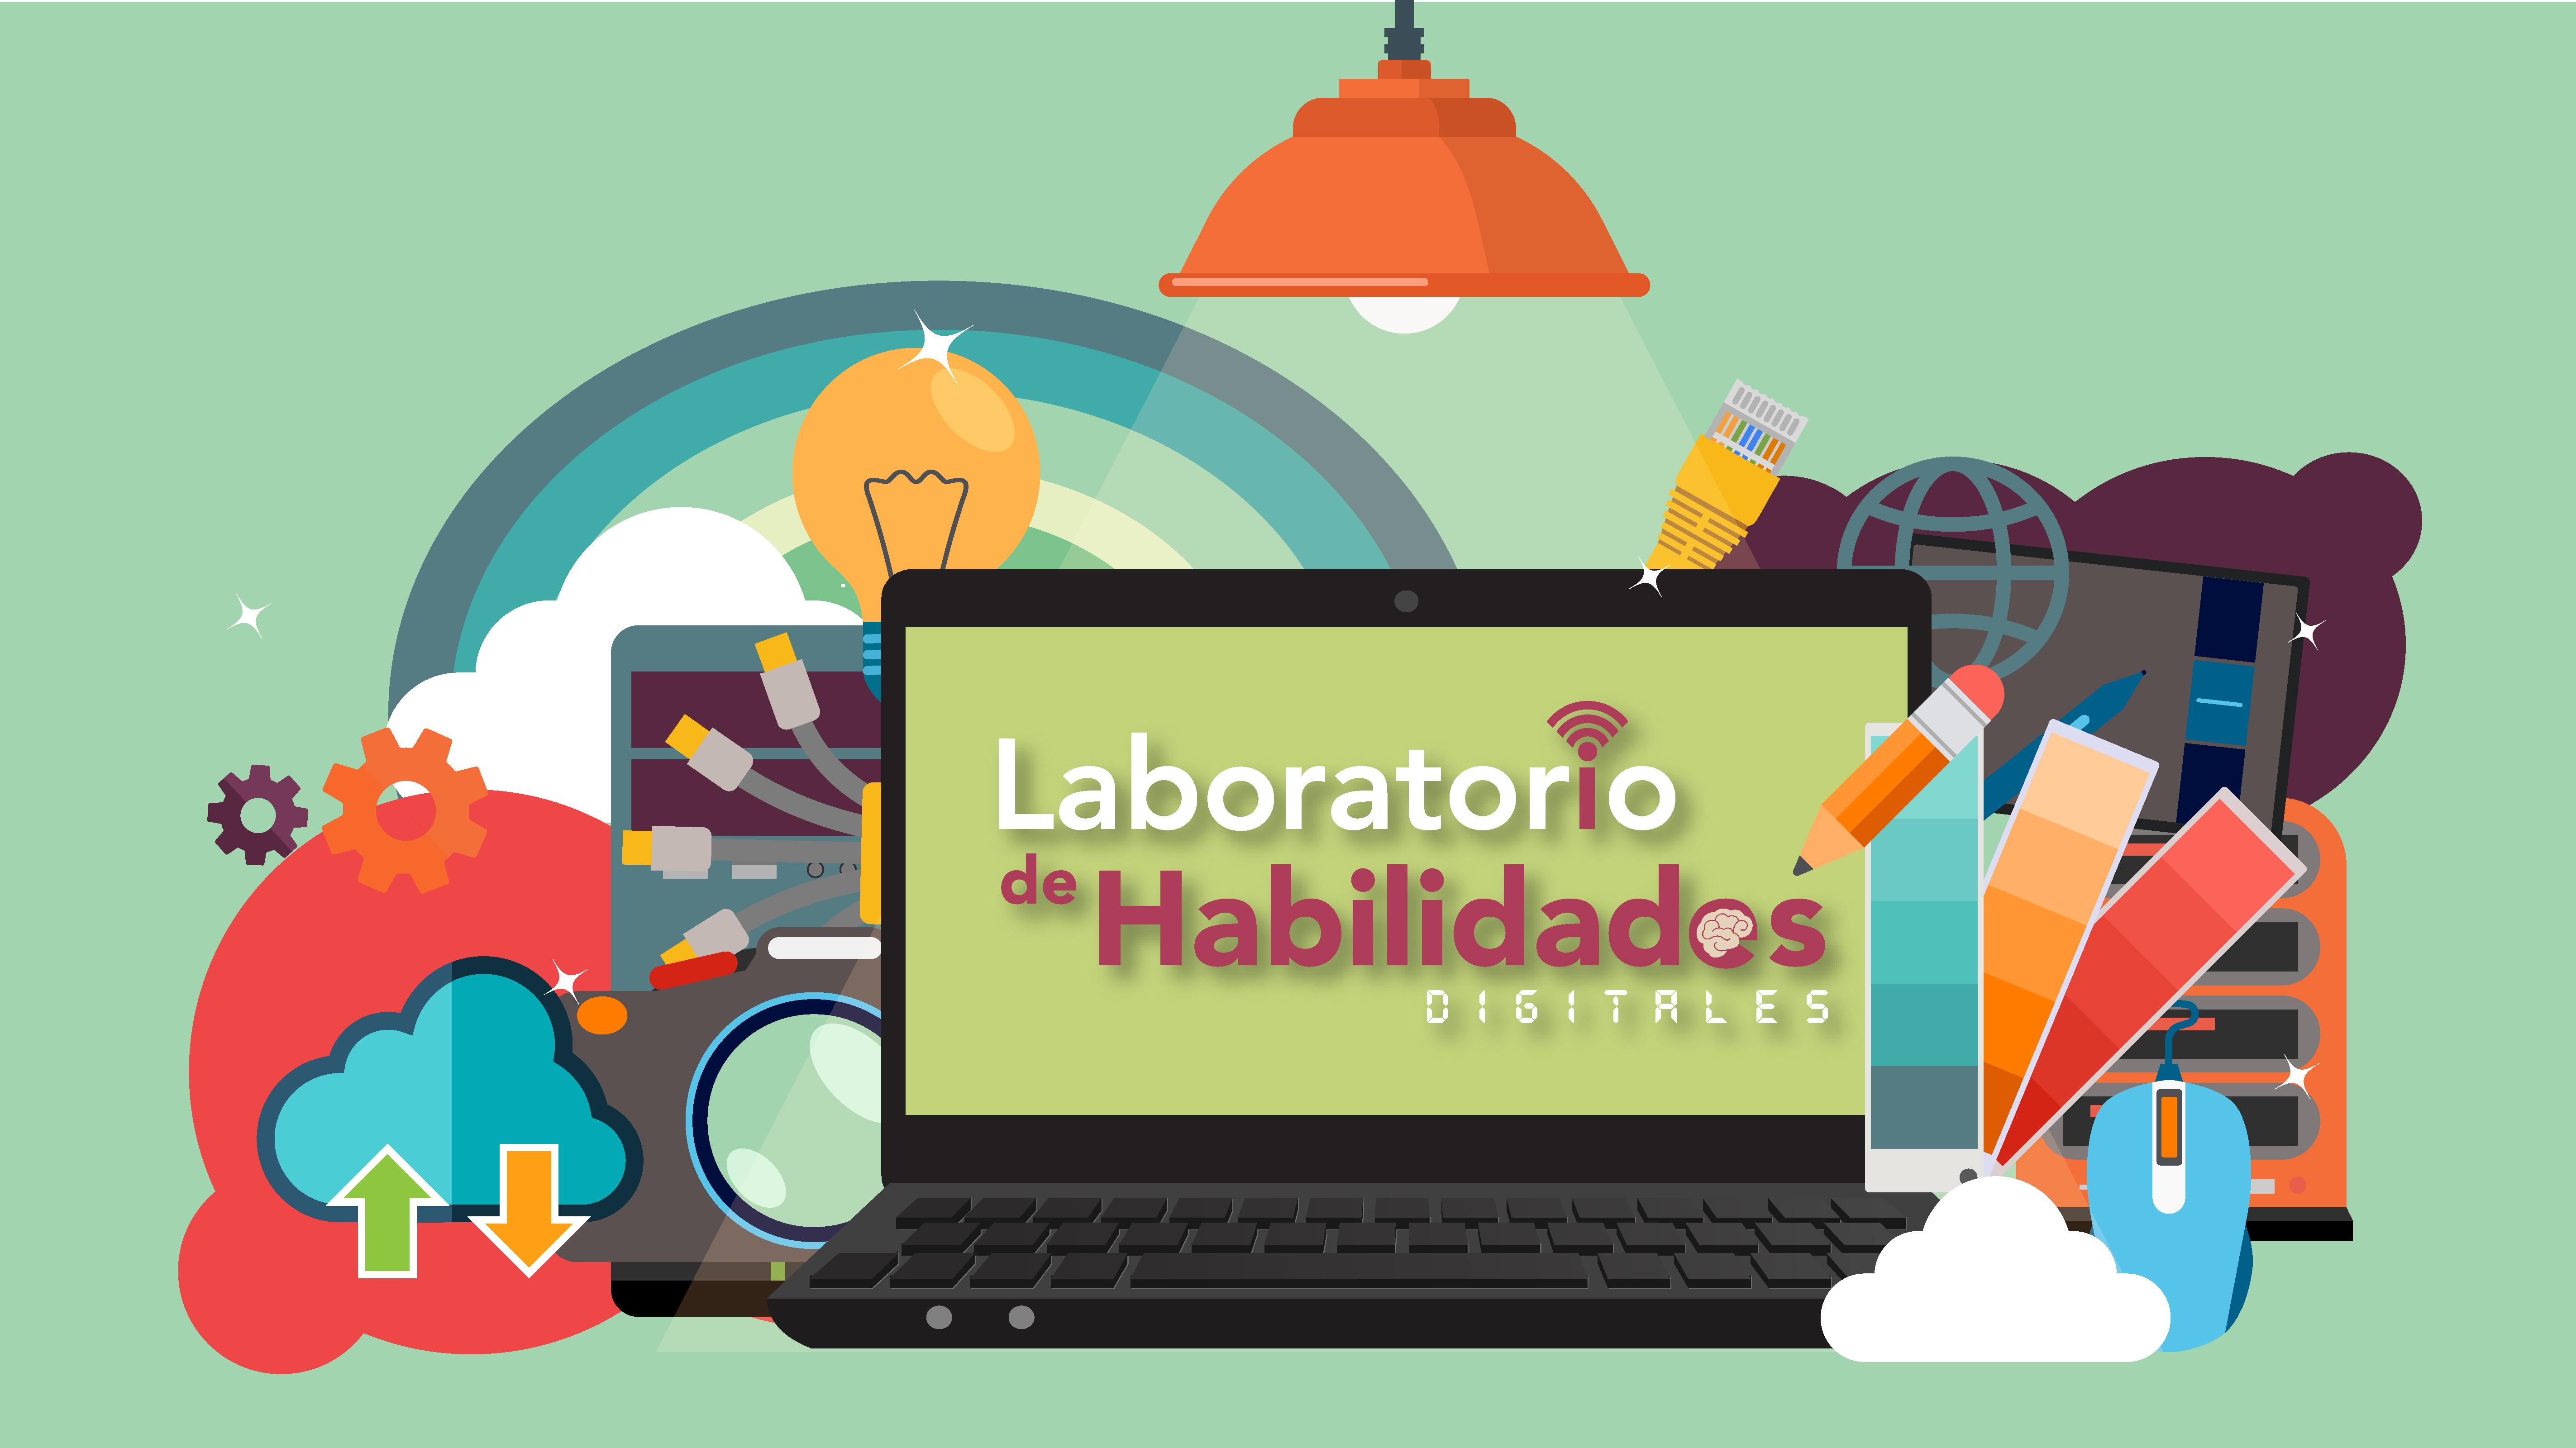 """Una laptop en su pantalla tiene escrita la frase """"Laboratorio de Habilidades Digitales"""": Alrededor de ella se encuentran artículos tecnológicos y de papelería. Con nubes y arcoíris para adornar la información."""